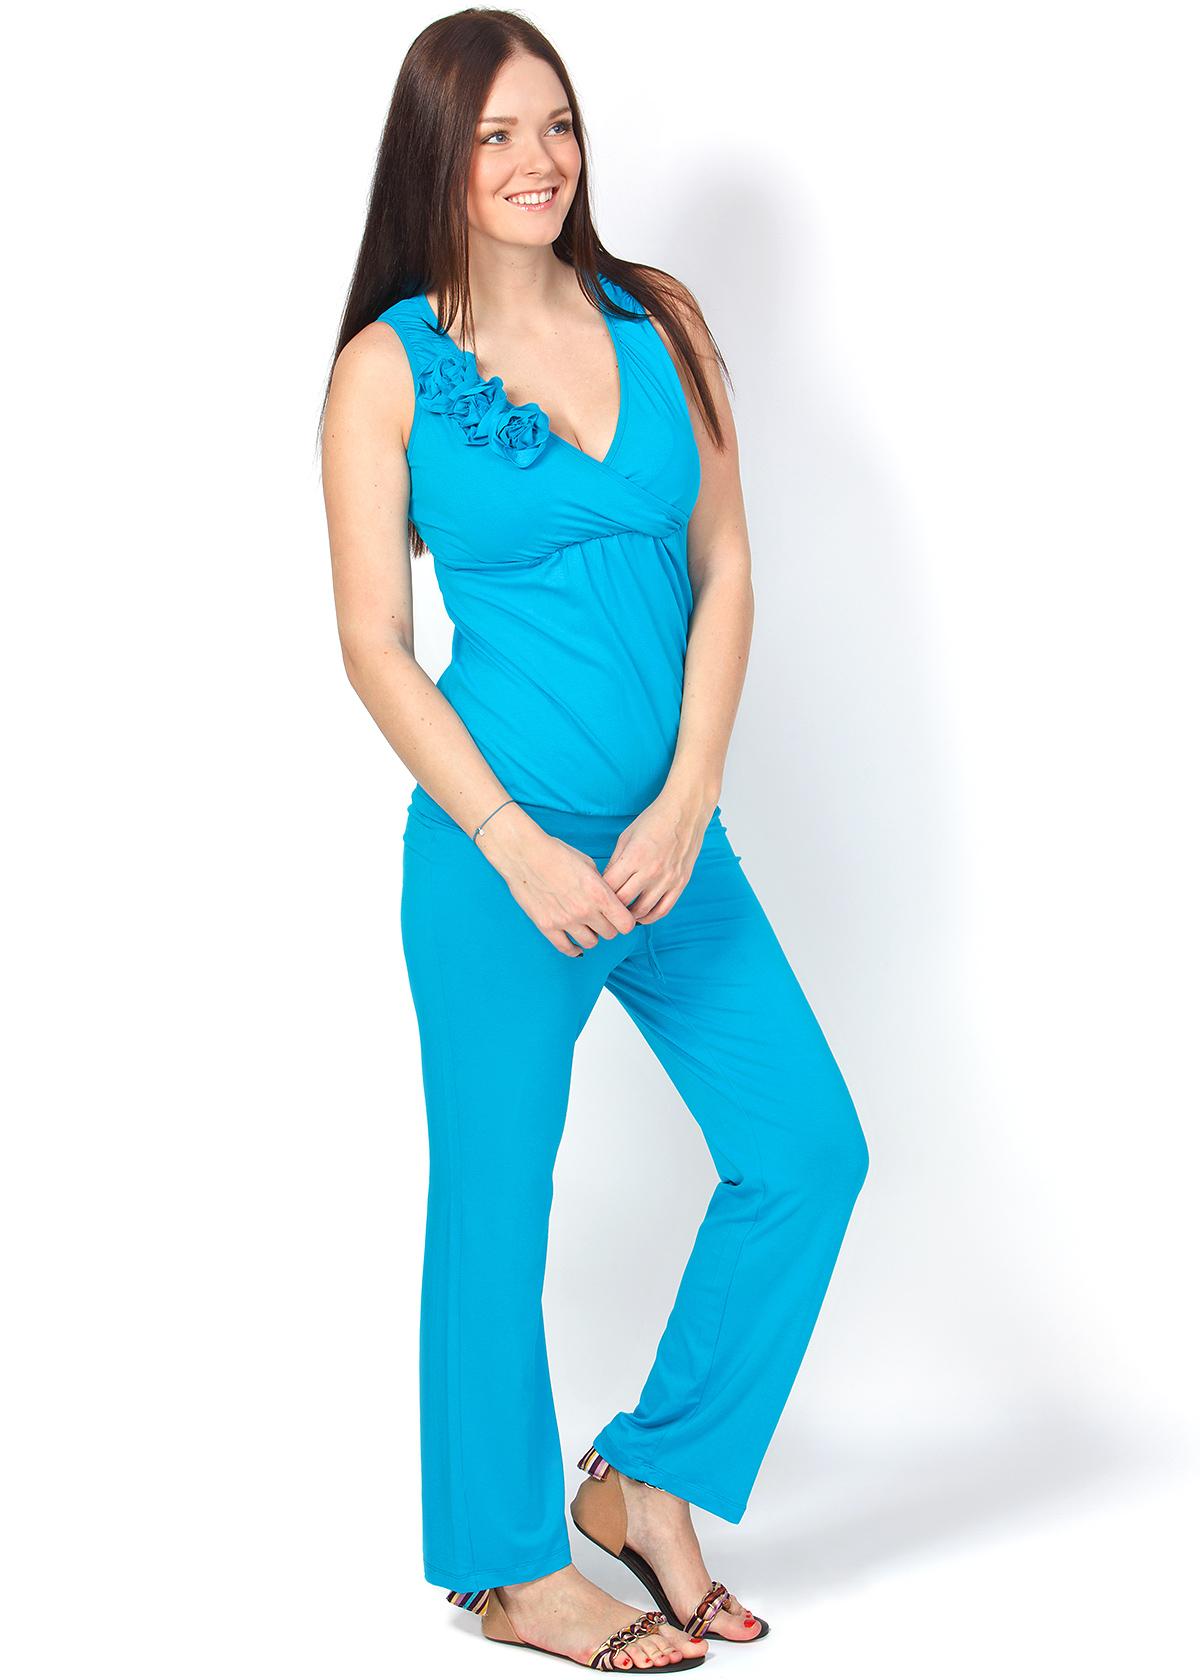 Летние комбинезоны для беременных в Минске, одежда для беременных  интернет-магазин МамаМия, Комбинезон 785c8b4087a